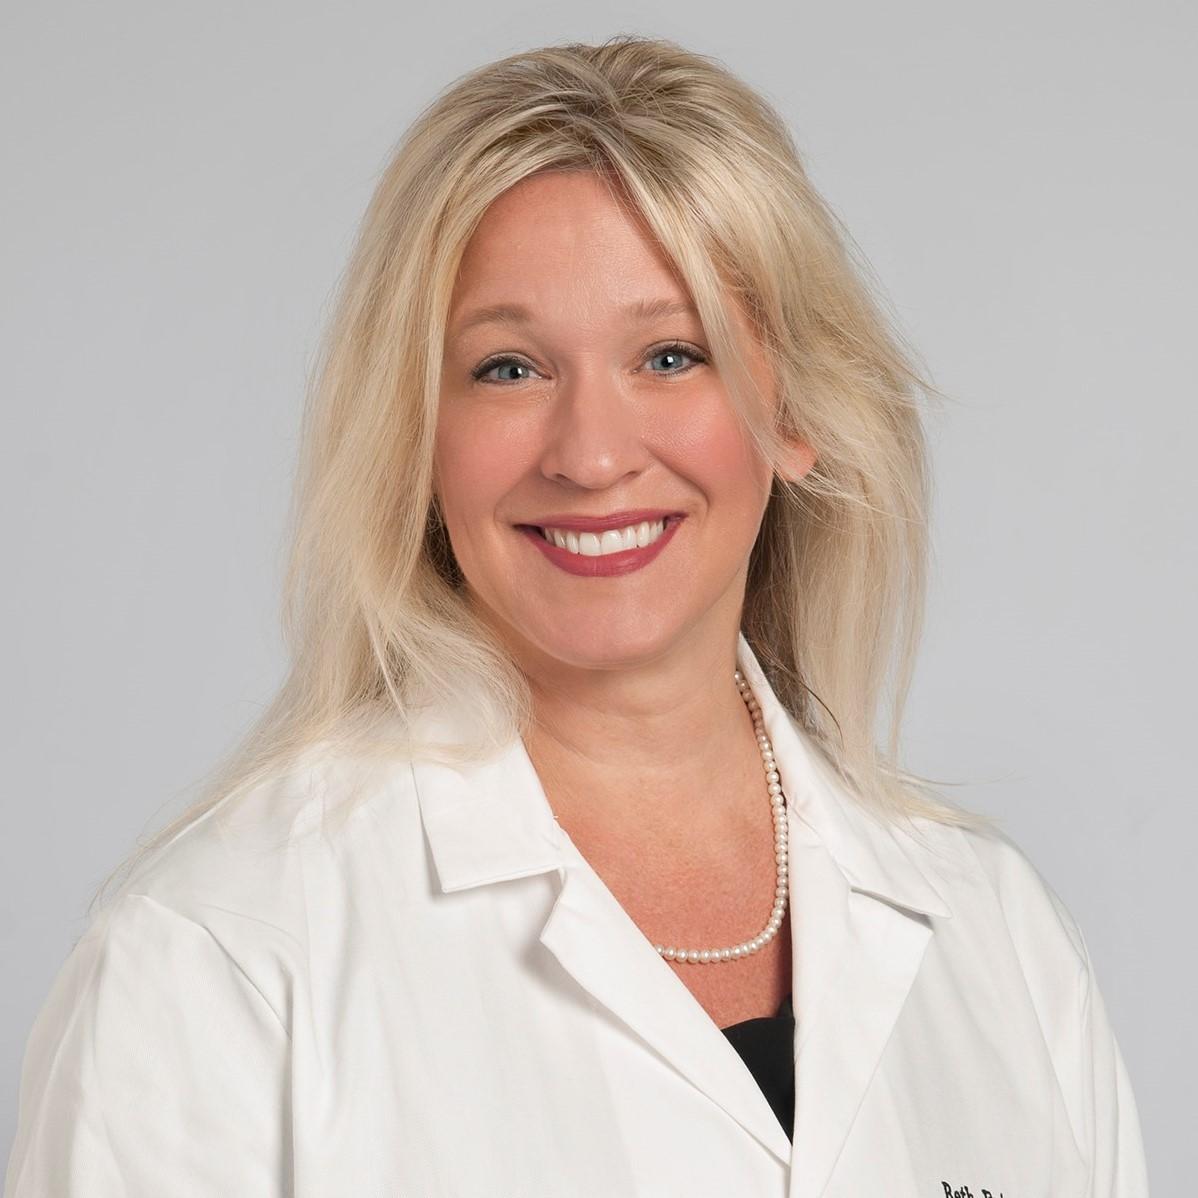 Beth Faiman PhD, MSN, APRN-BC, AOCN, FAAN